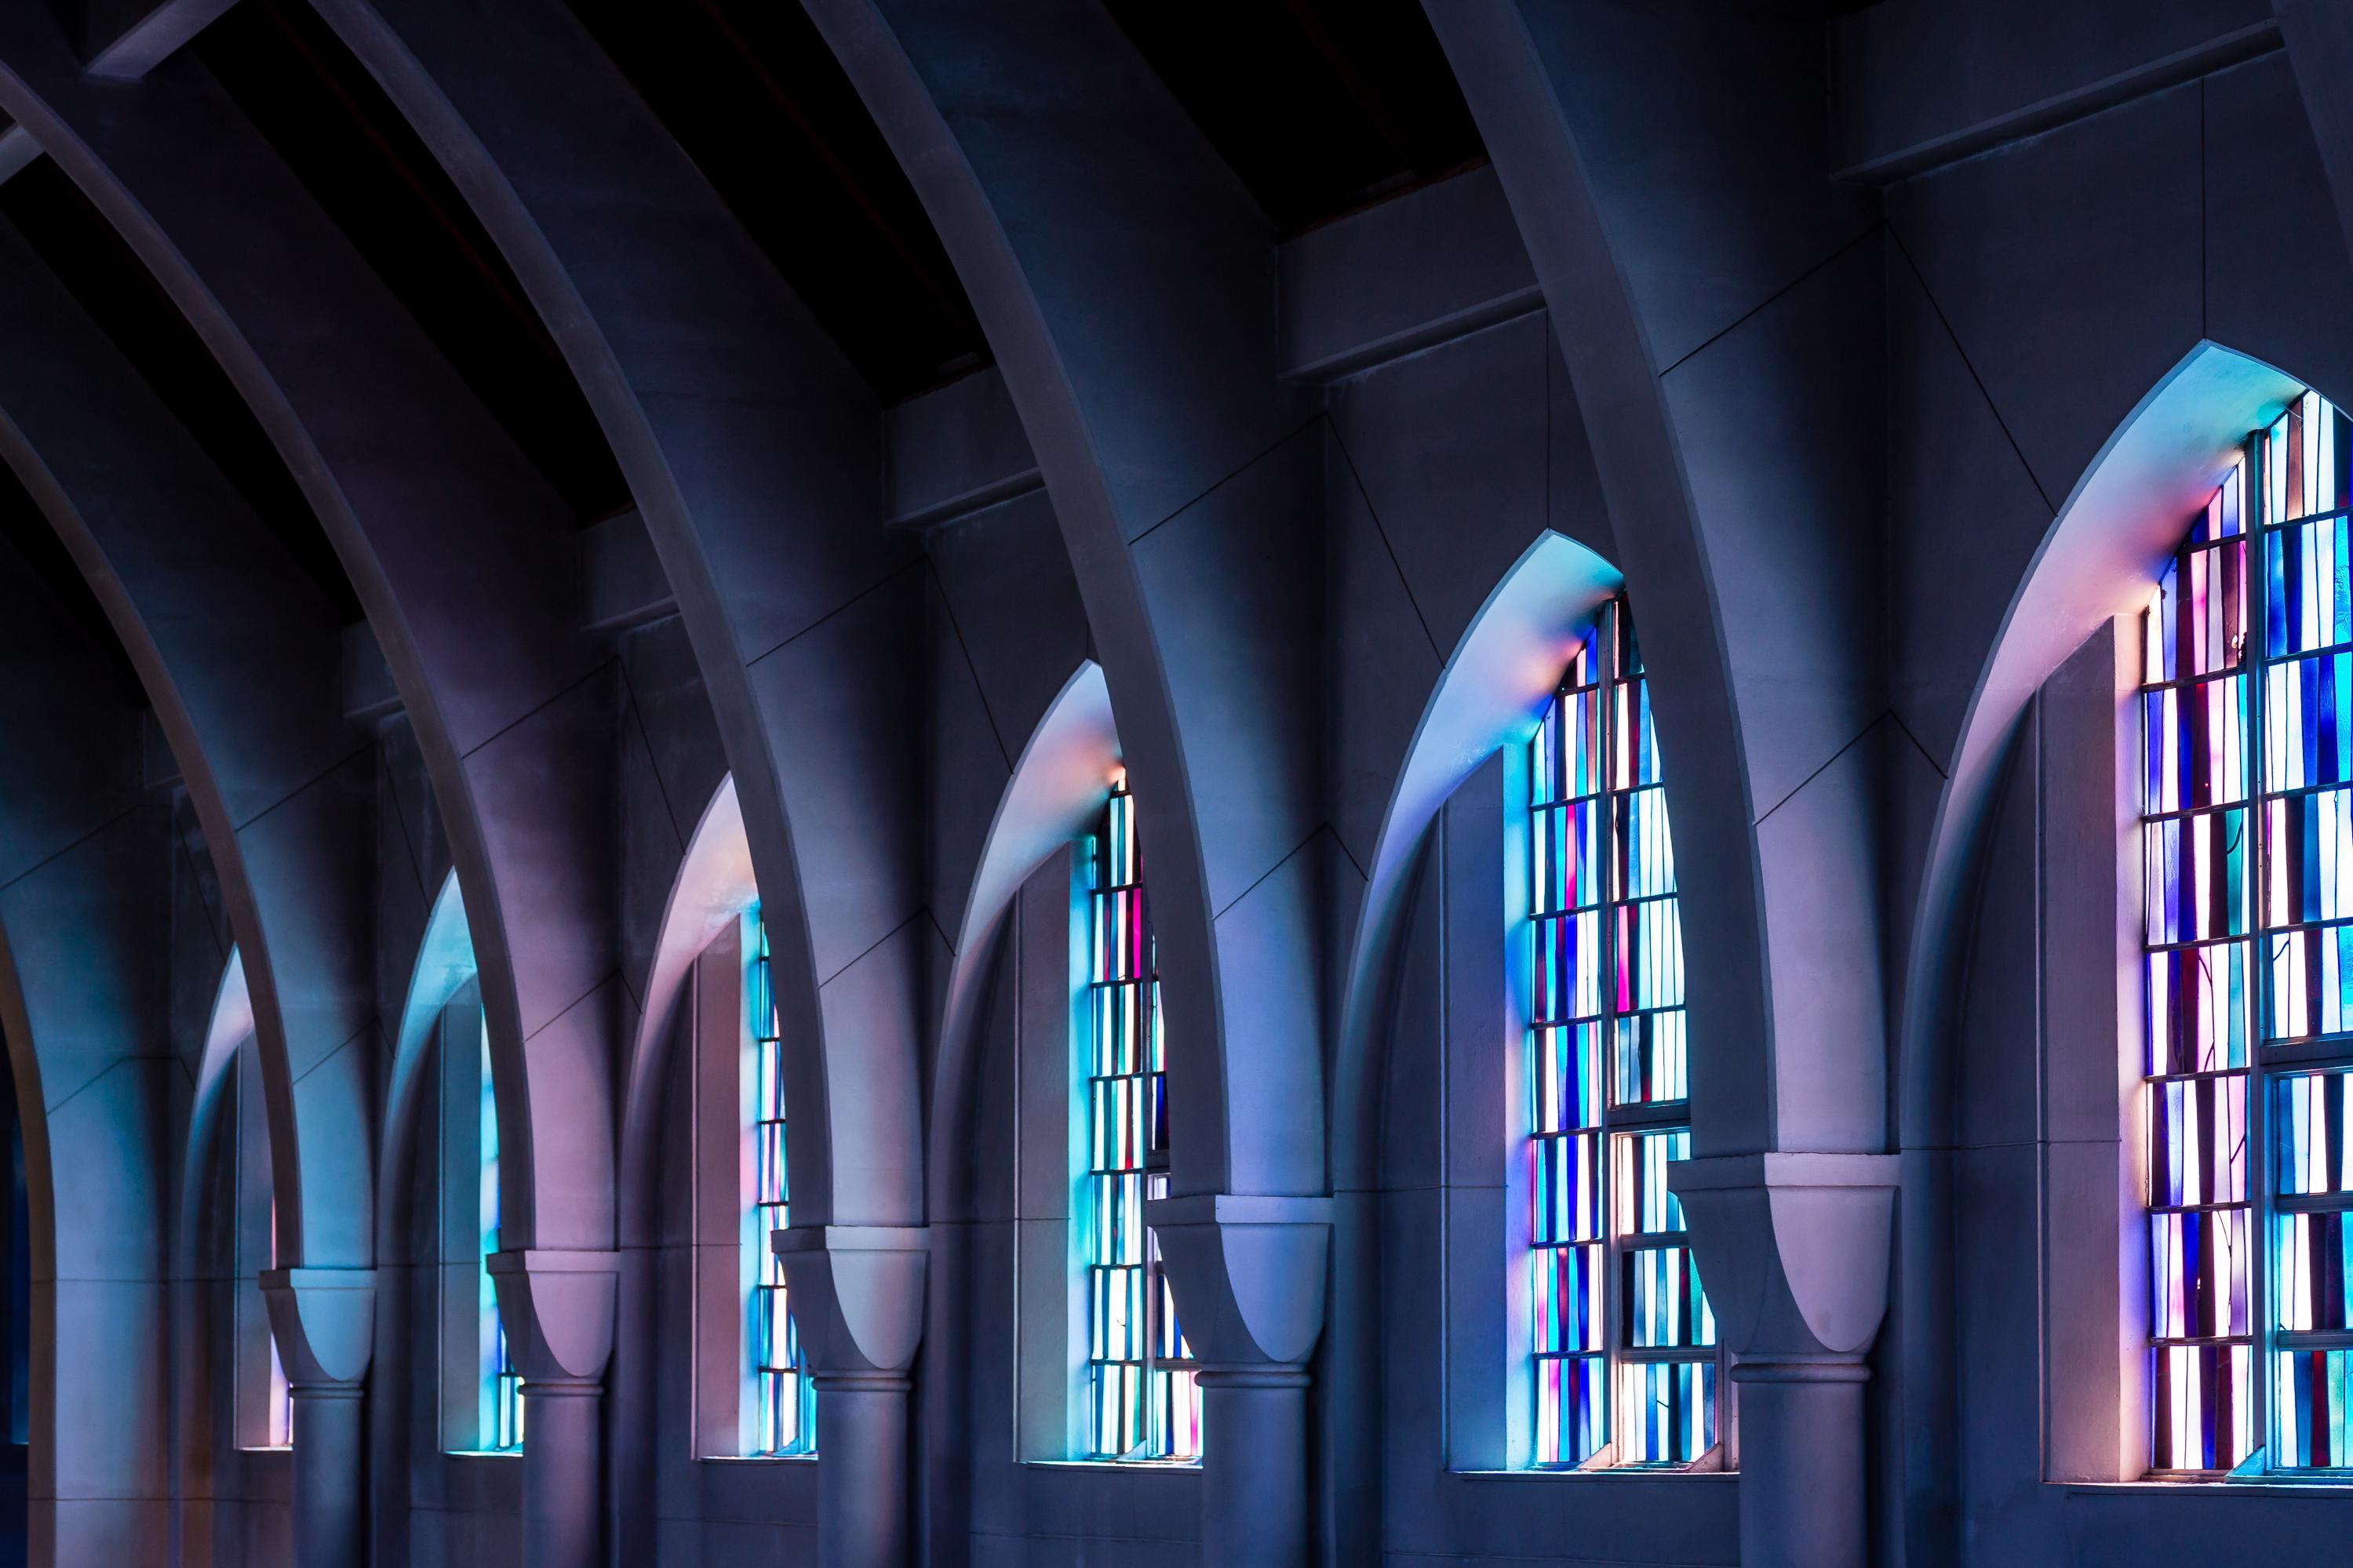 Christian church shutterstock_270709463